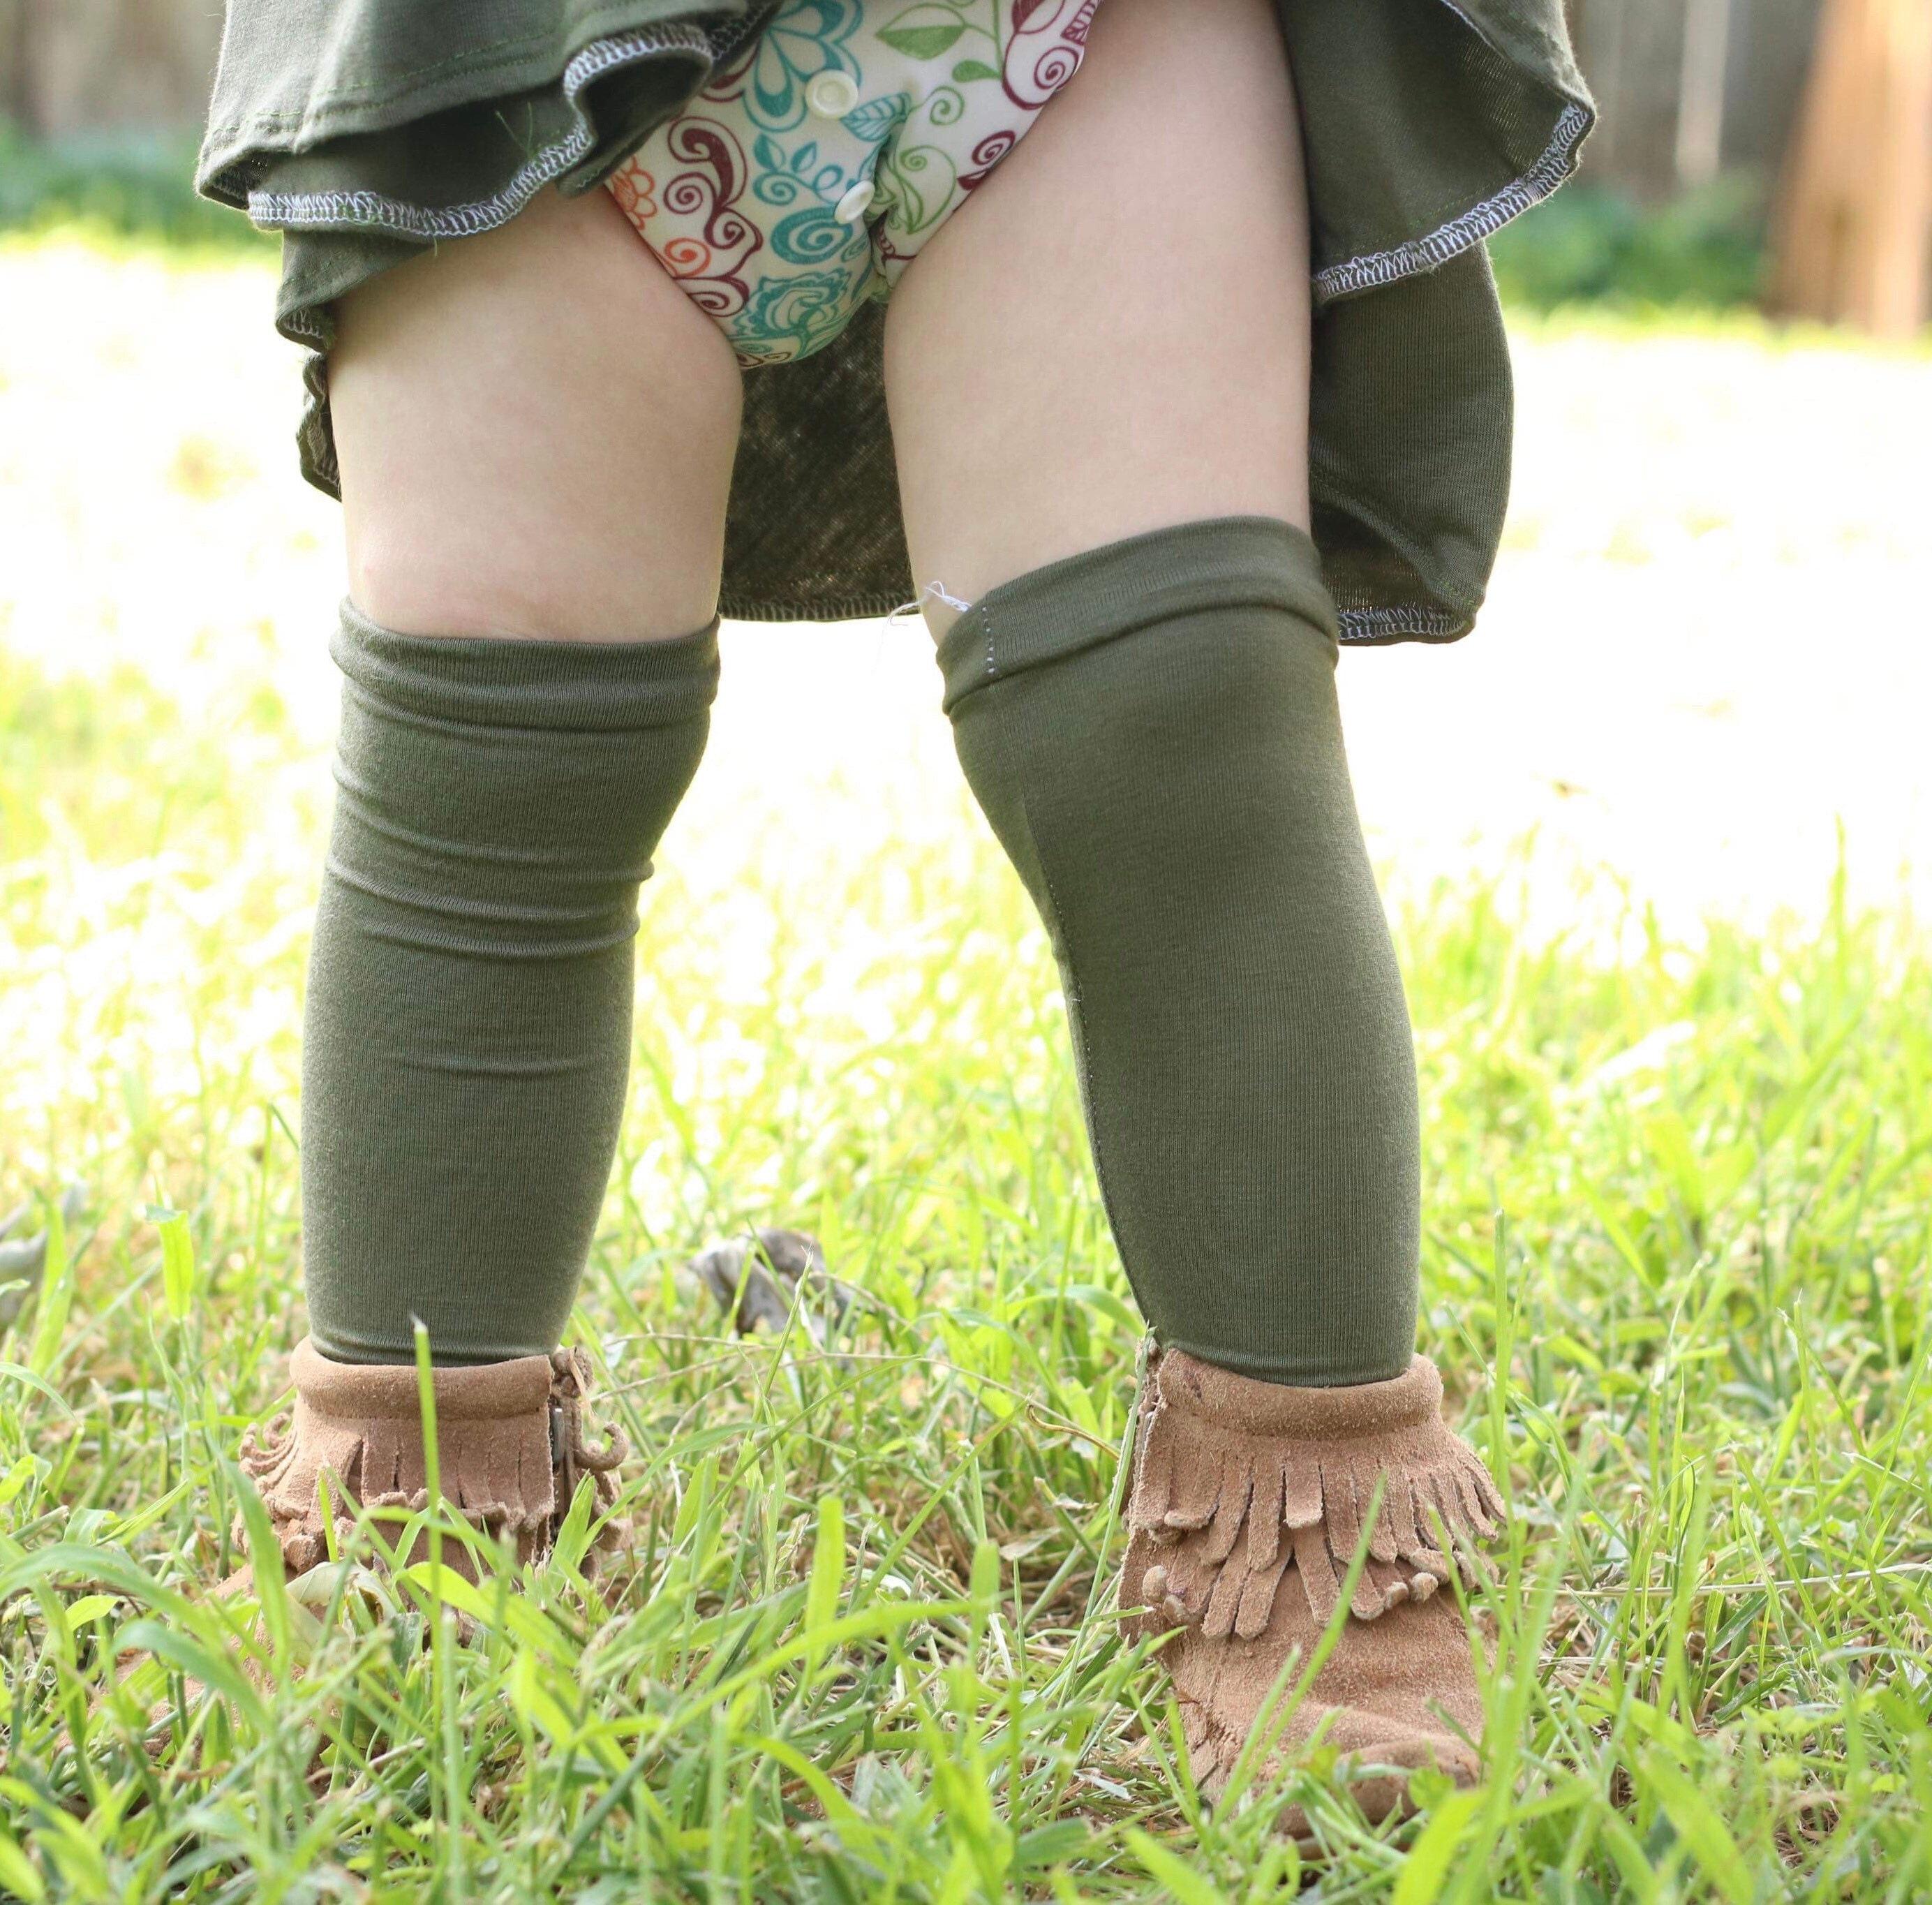 81d5611d7 Olive Knee High Socks Toddler Knee High Socks Olive Socks